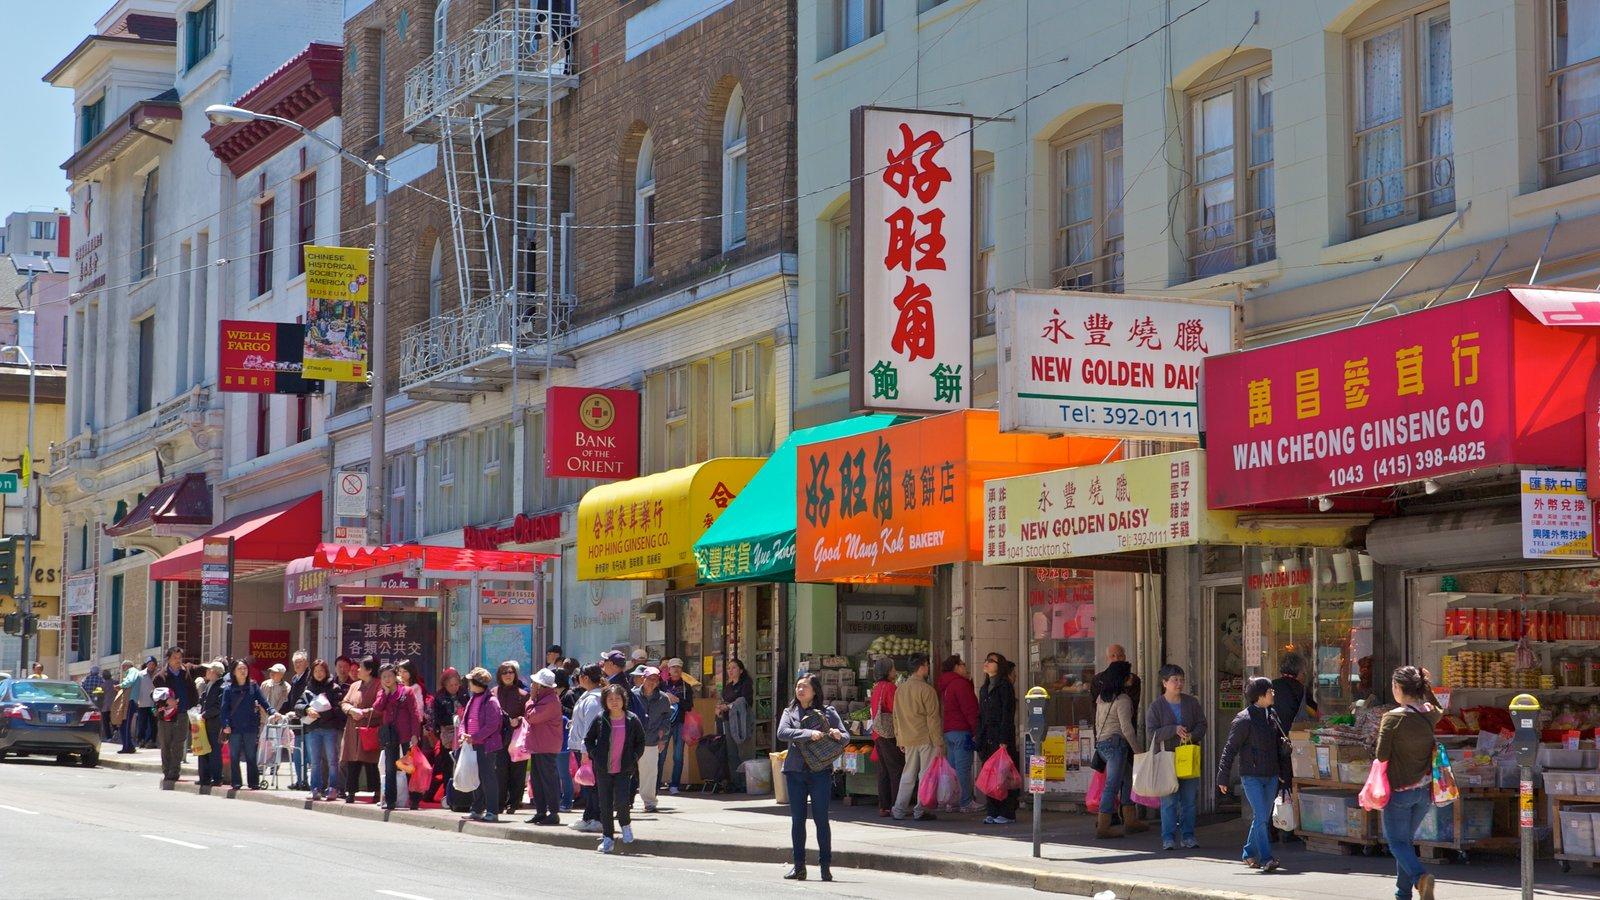 Chinatown mostrando sinalização, compras e cenas de rua